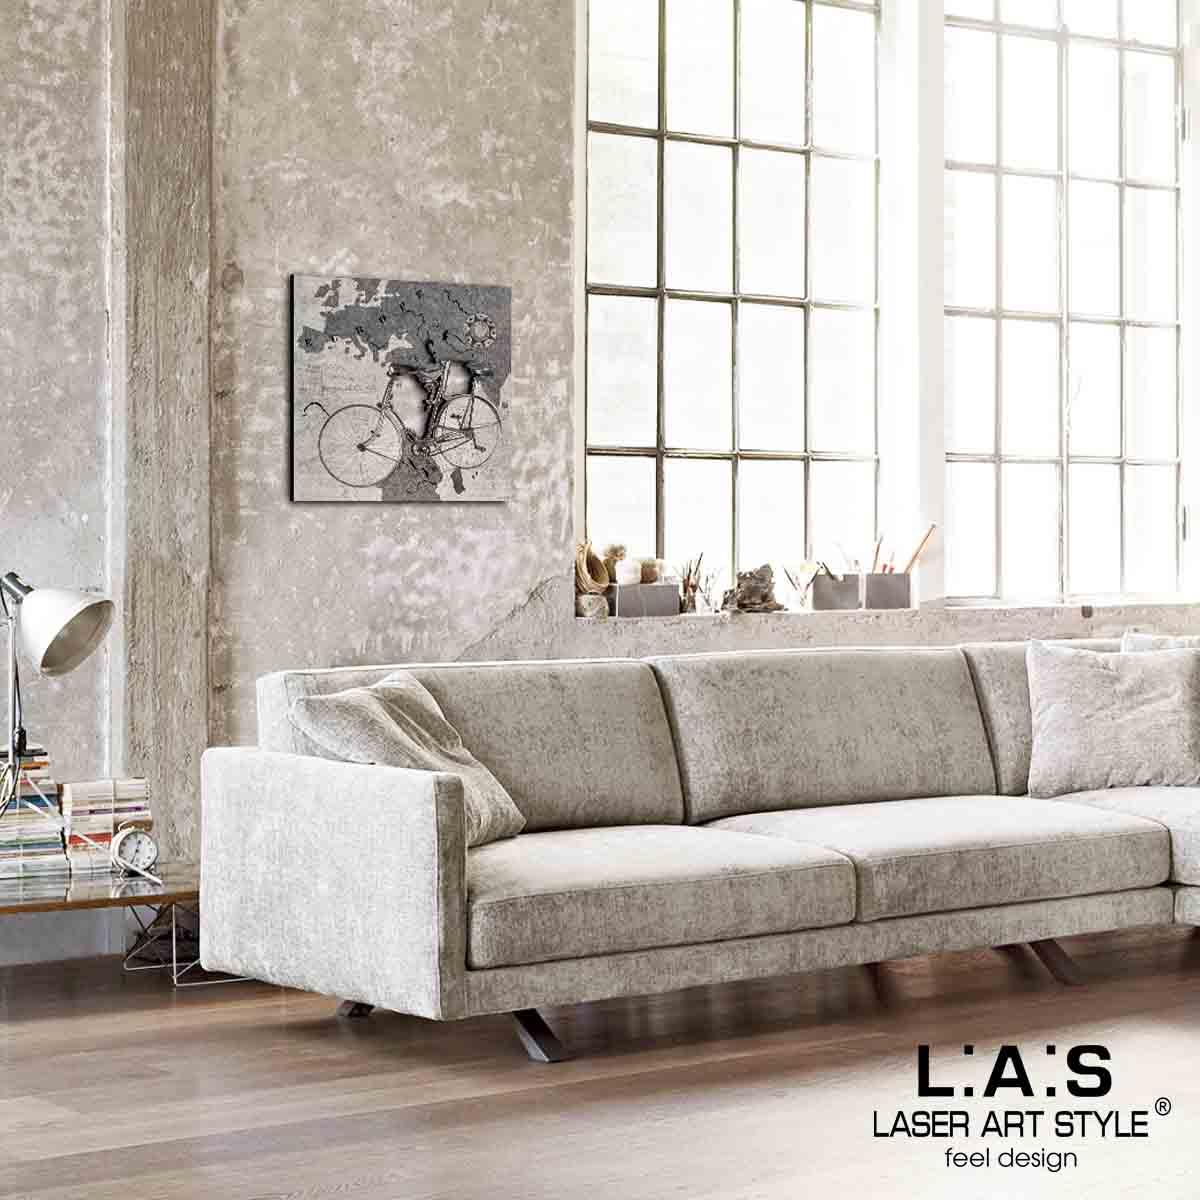 L:A:S - Laser Art Style - QUADRO – SCULTURA DA PARETE – Q-028 DECORO NERO